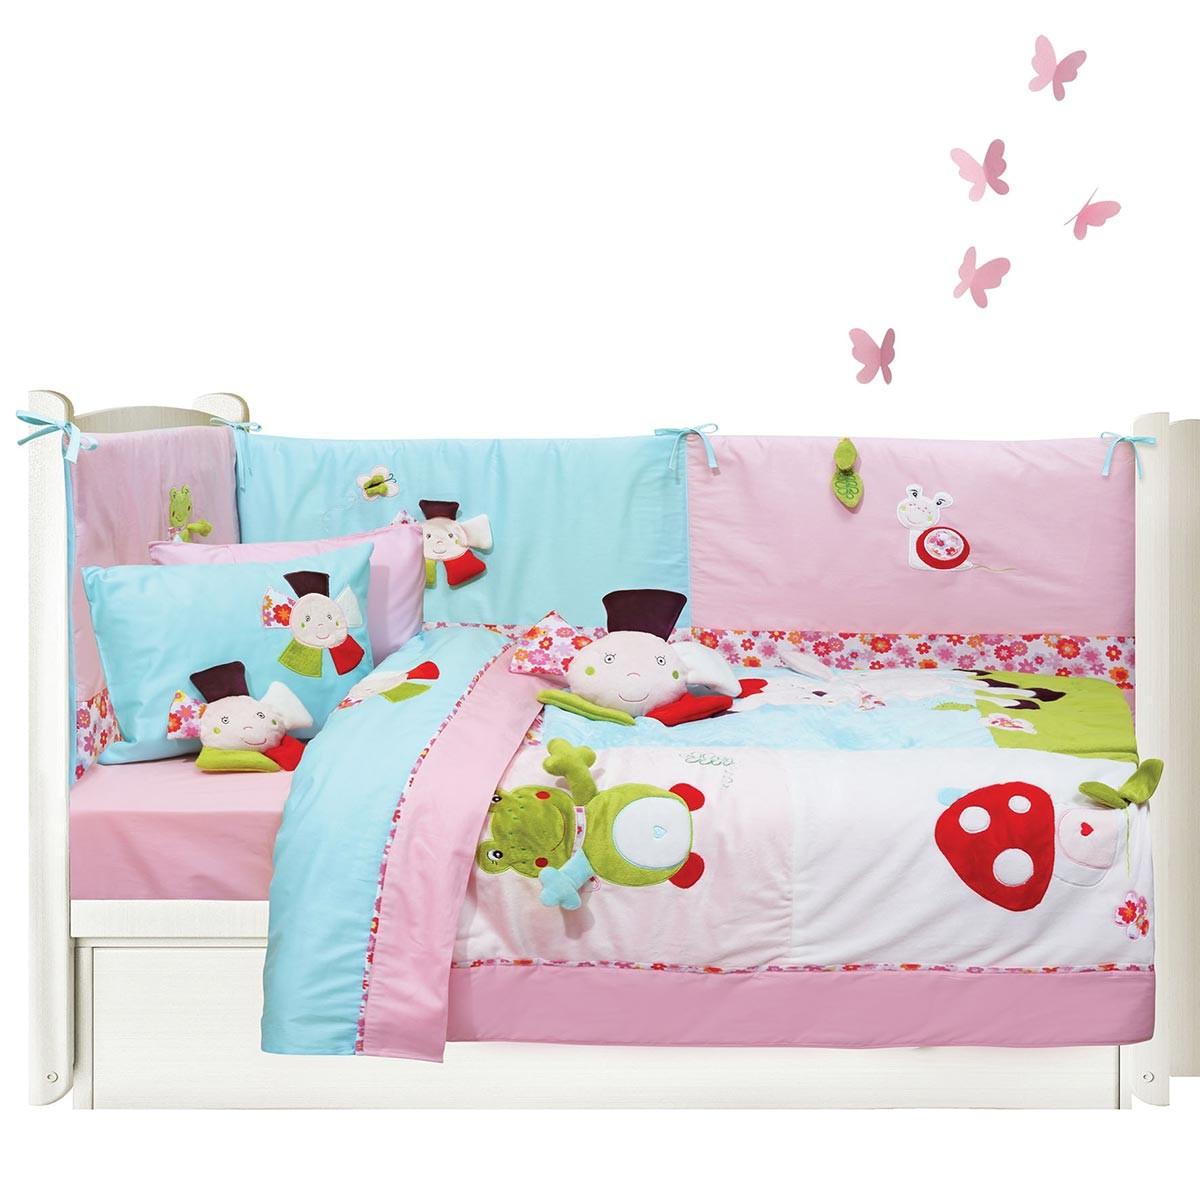 Κουβερλί Κούνιας (Σετ) Das Home Dream Embroidery 6396 66775